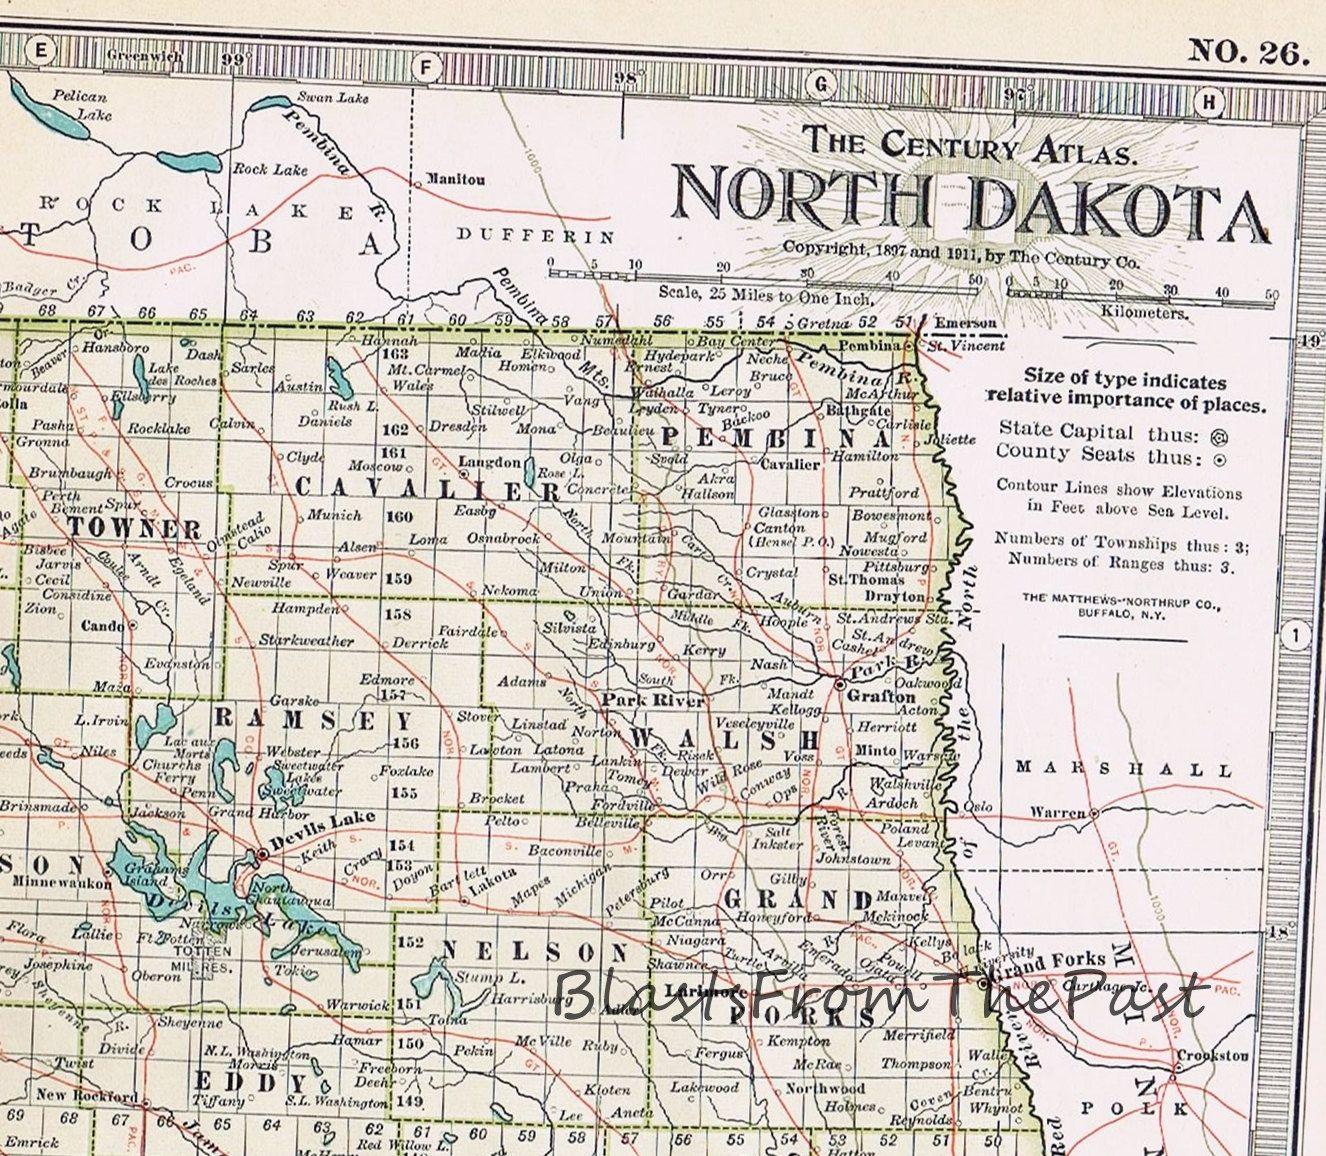 1911 Antique MAP of NORTH DAKOTA Authentic Large Scale Century